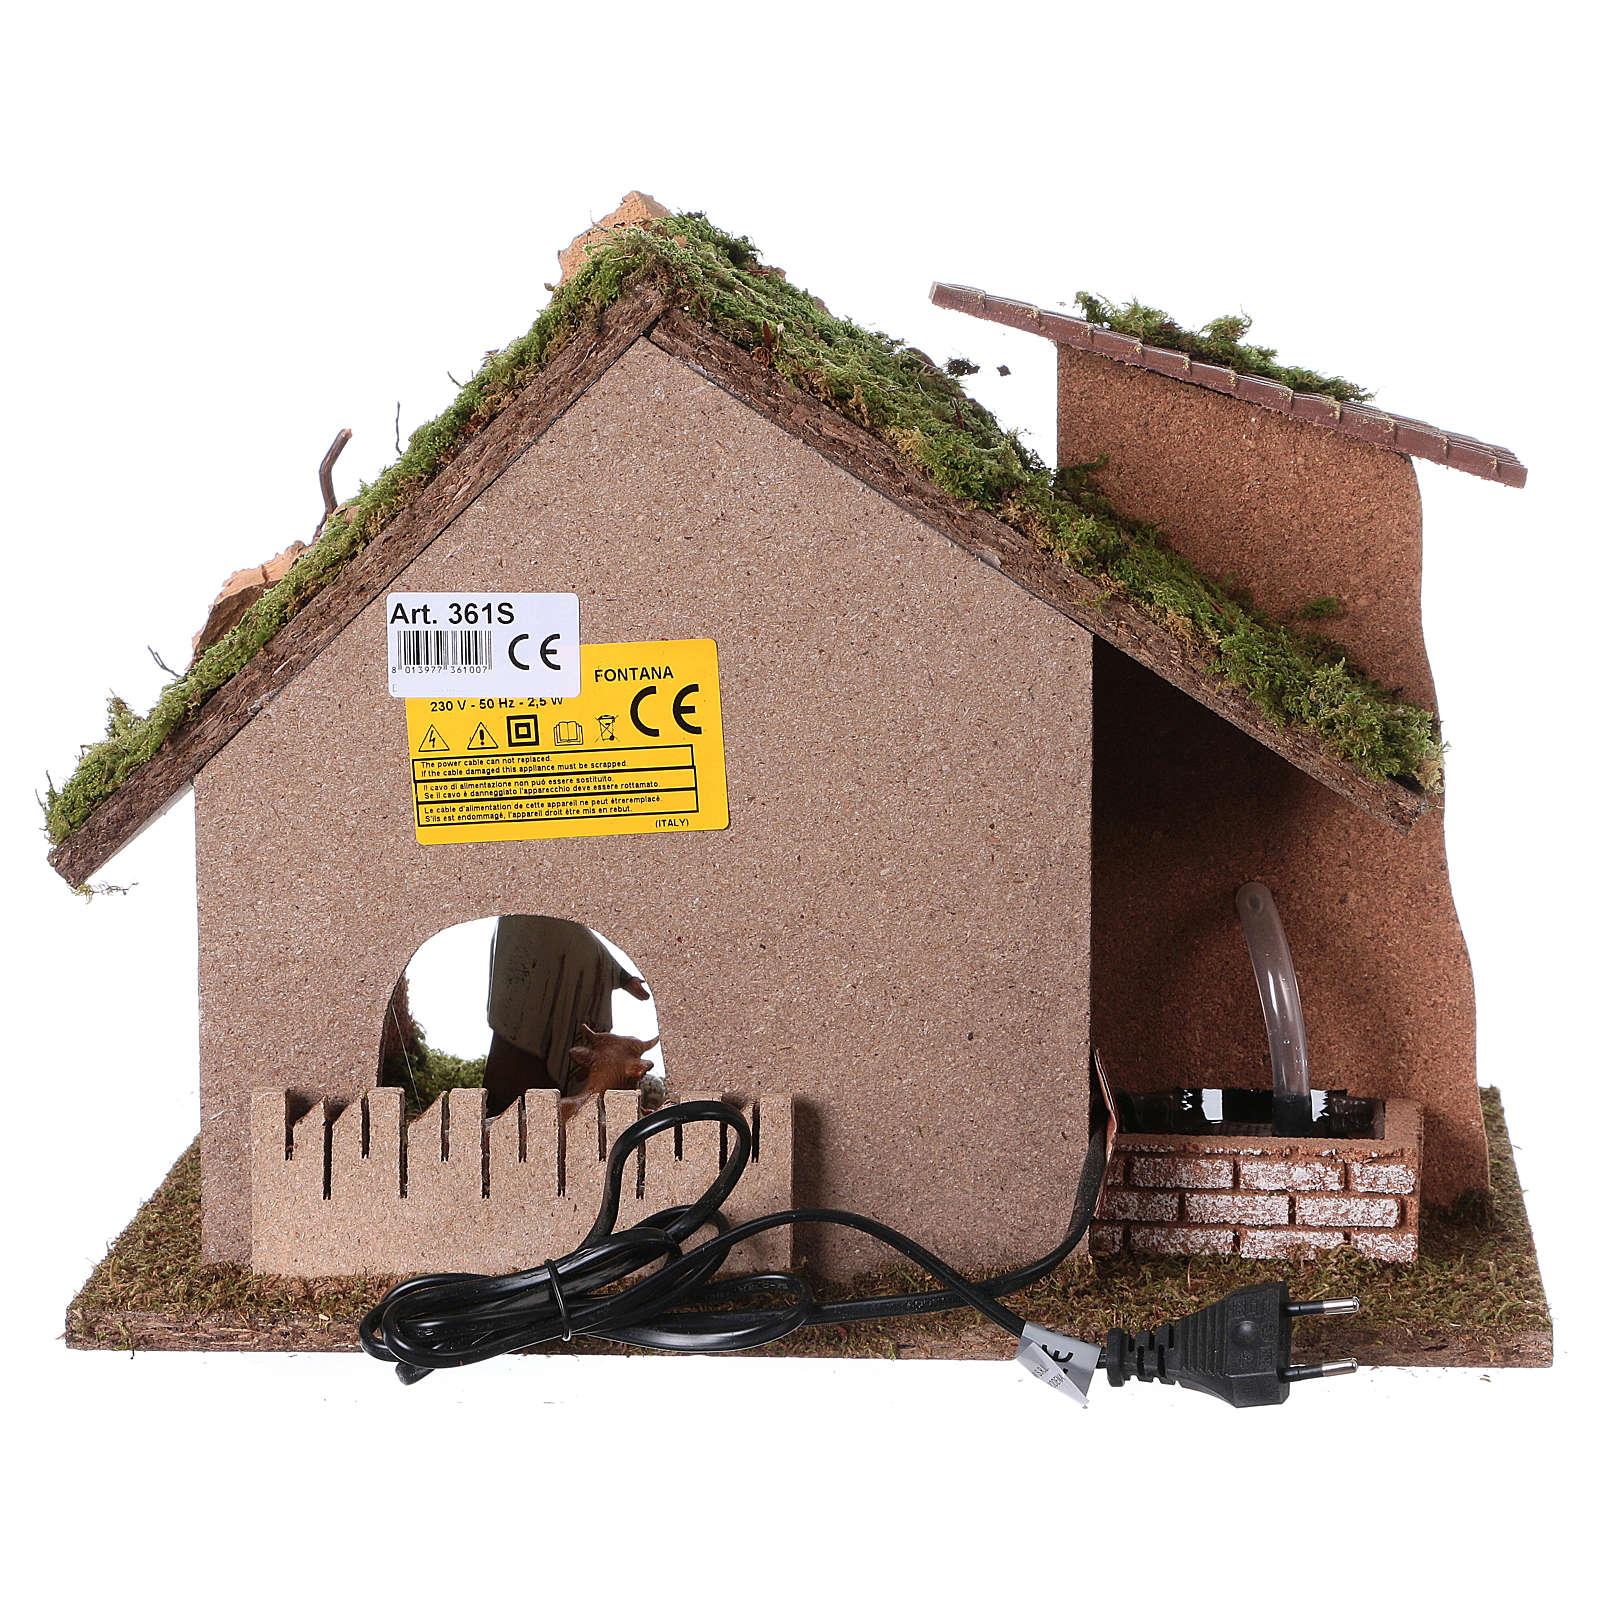 Cabaña con molino de agua para pesebre 28x38x28cm 4